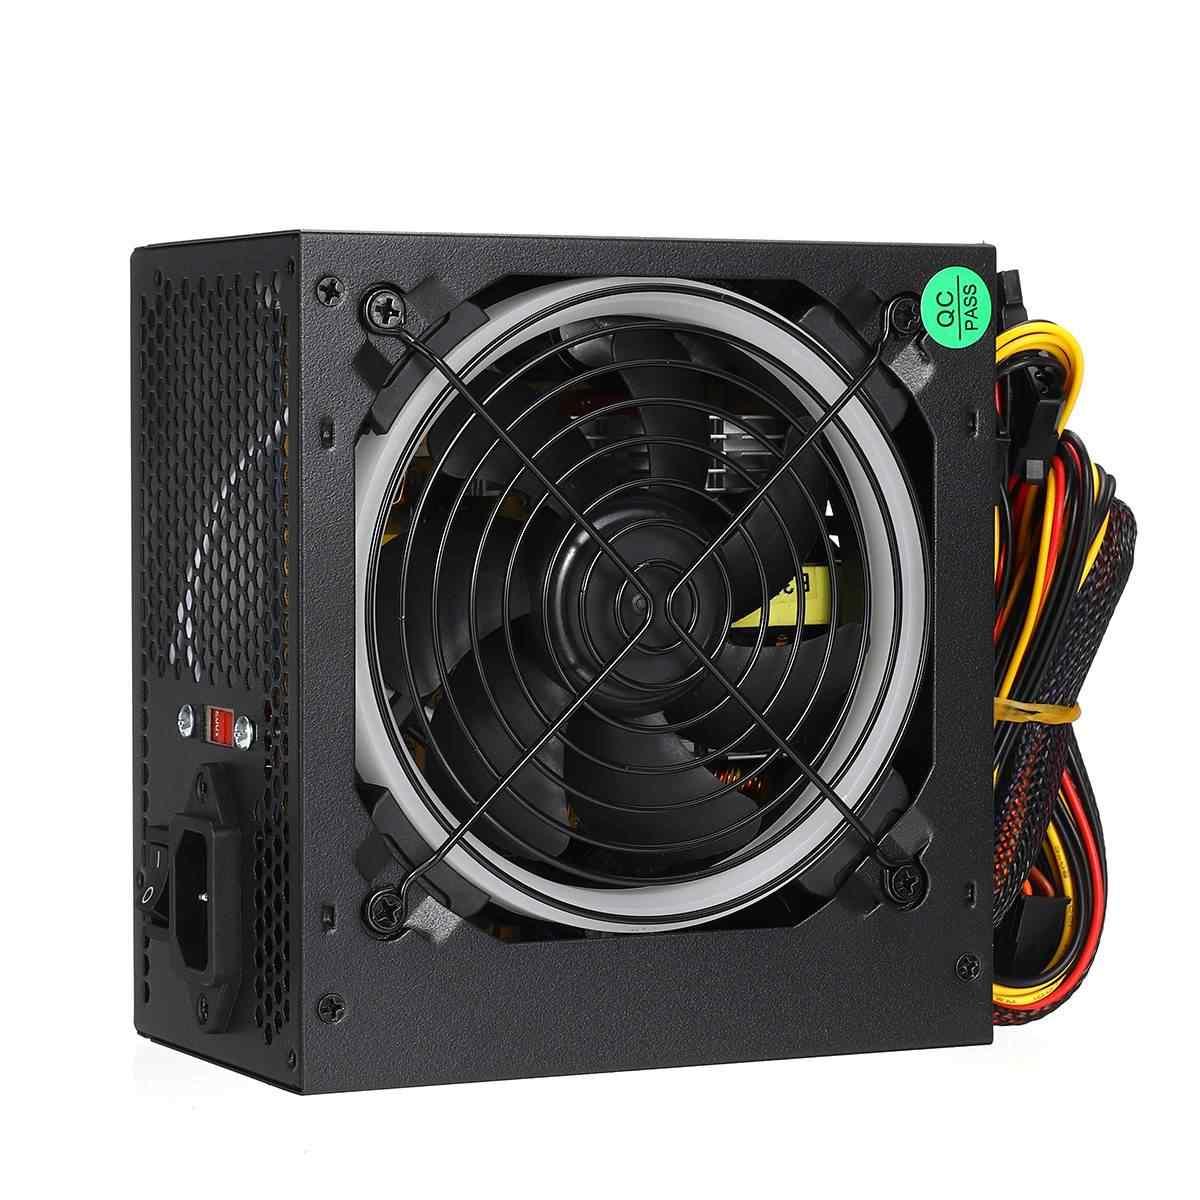 600W zasilacz 12cm wielokolorowe oświetlenie led wentylator rgb 24 Pin PCI SATA 12V zasilacz do komputera pulpitu do gier zasilania